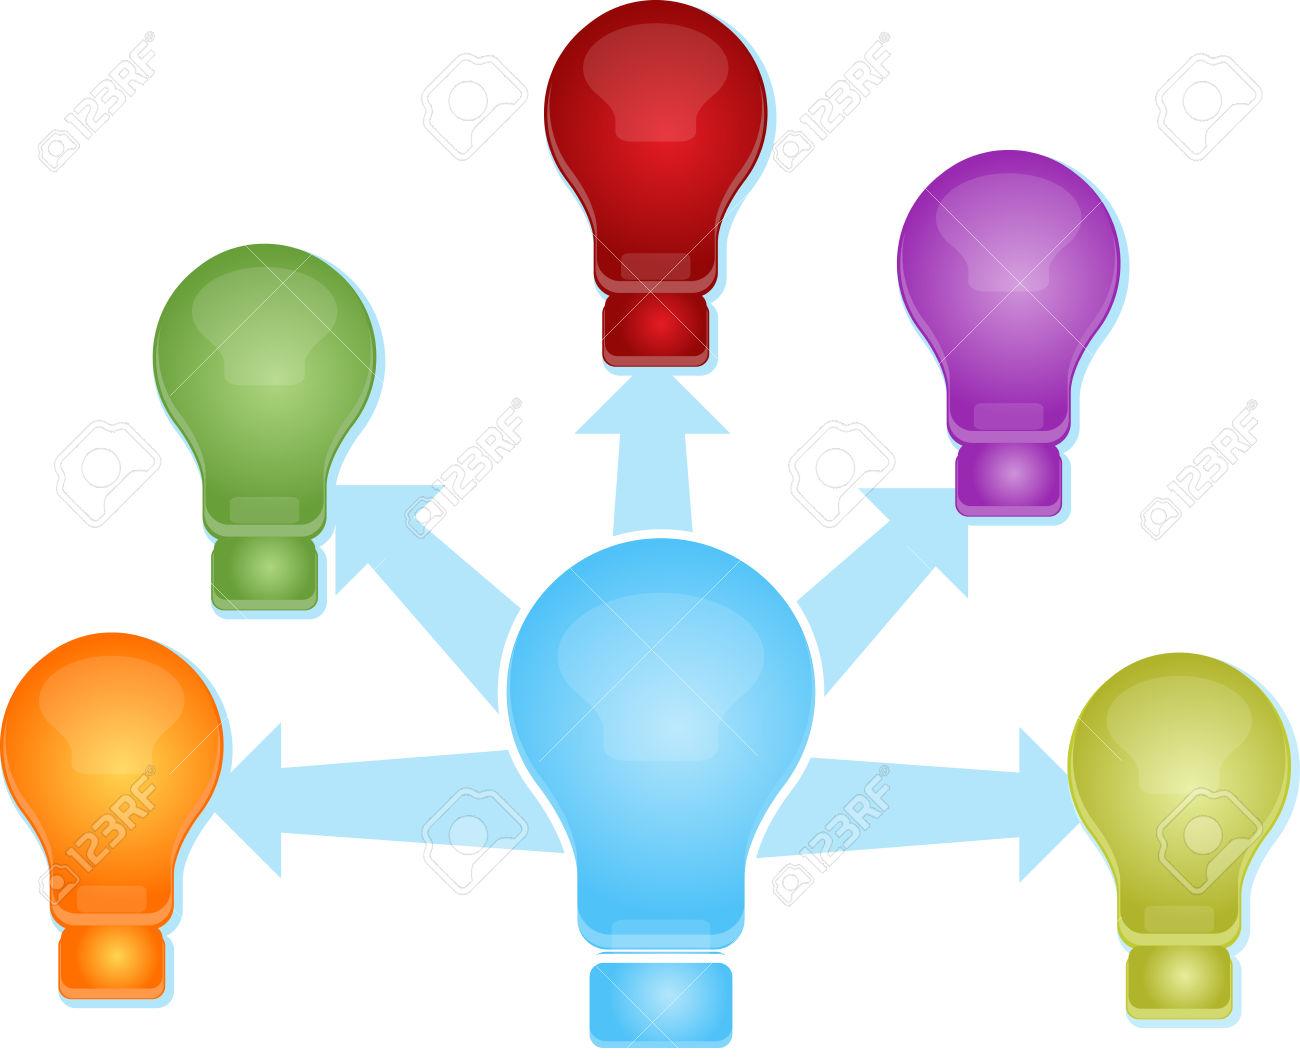 1300x1057 Bulb Clipart Share Idea